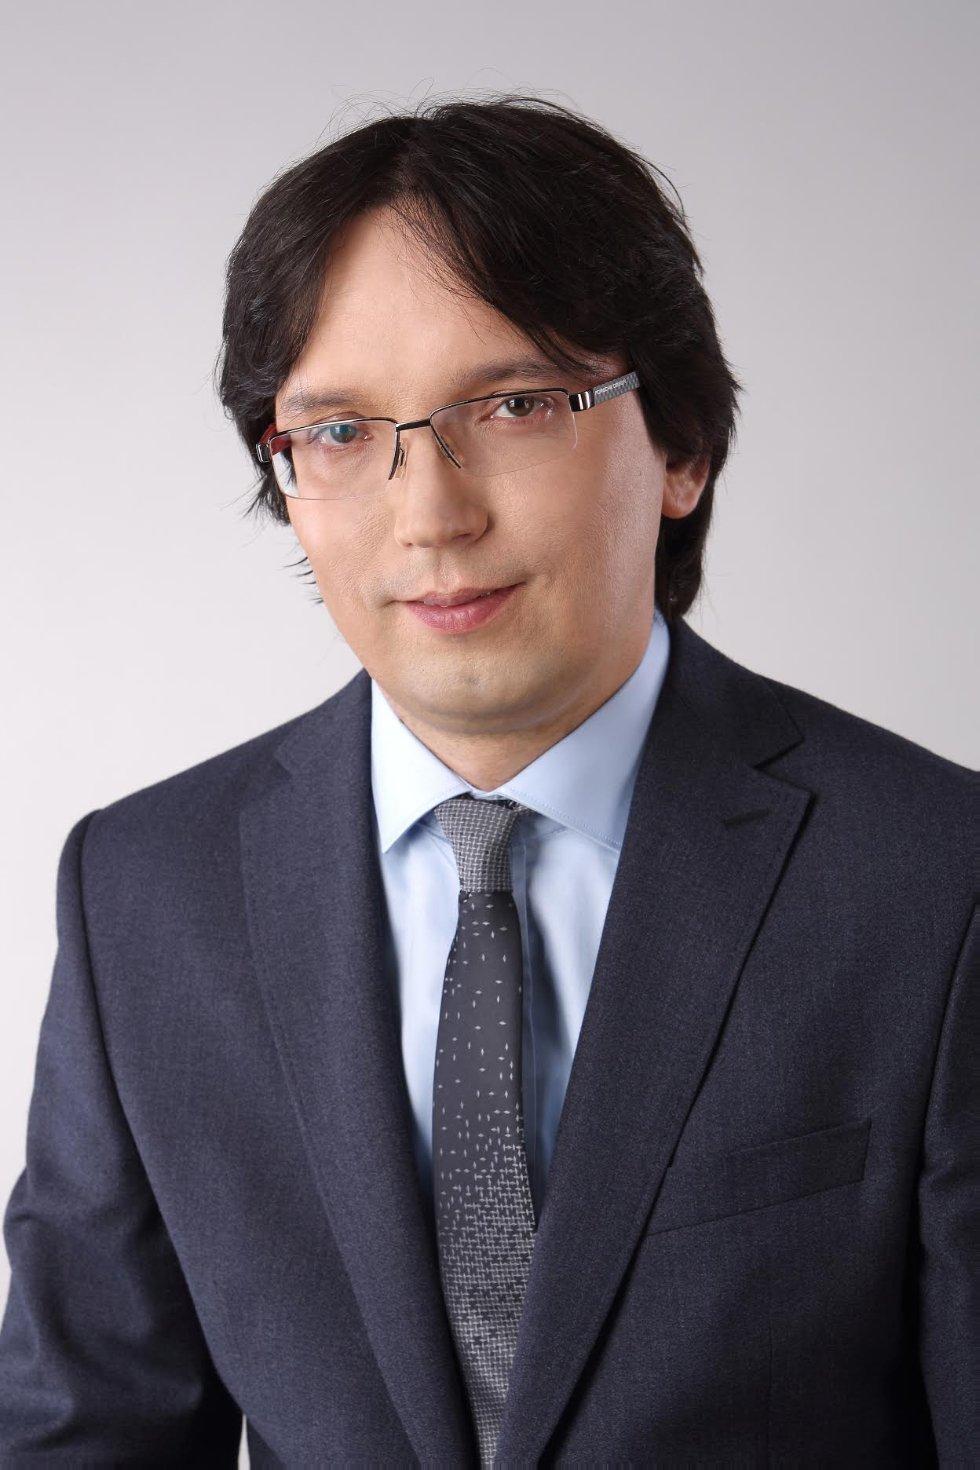 Валеев Дамир Хамитович